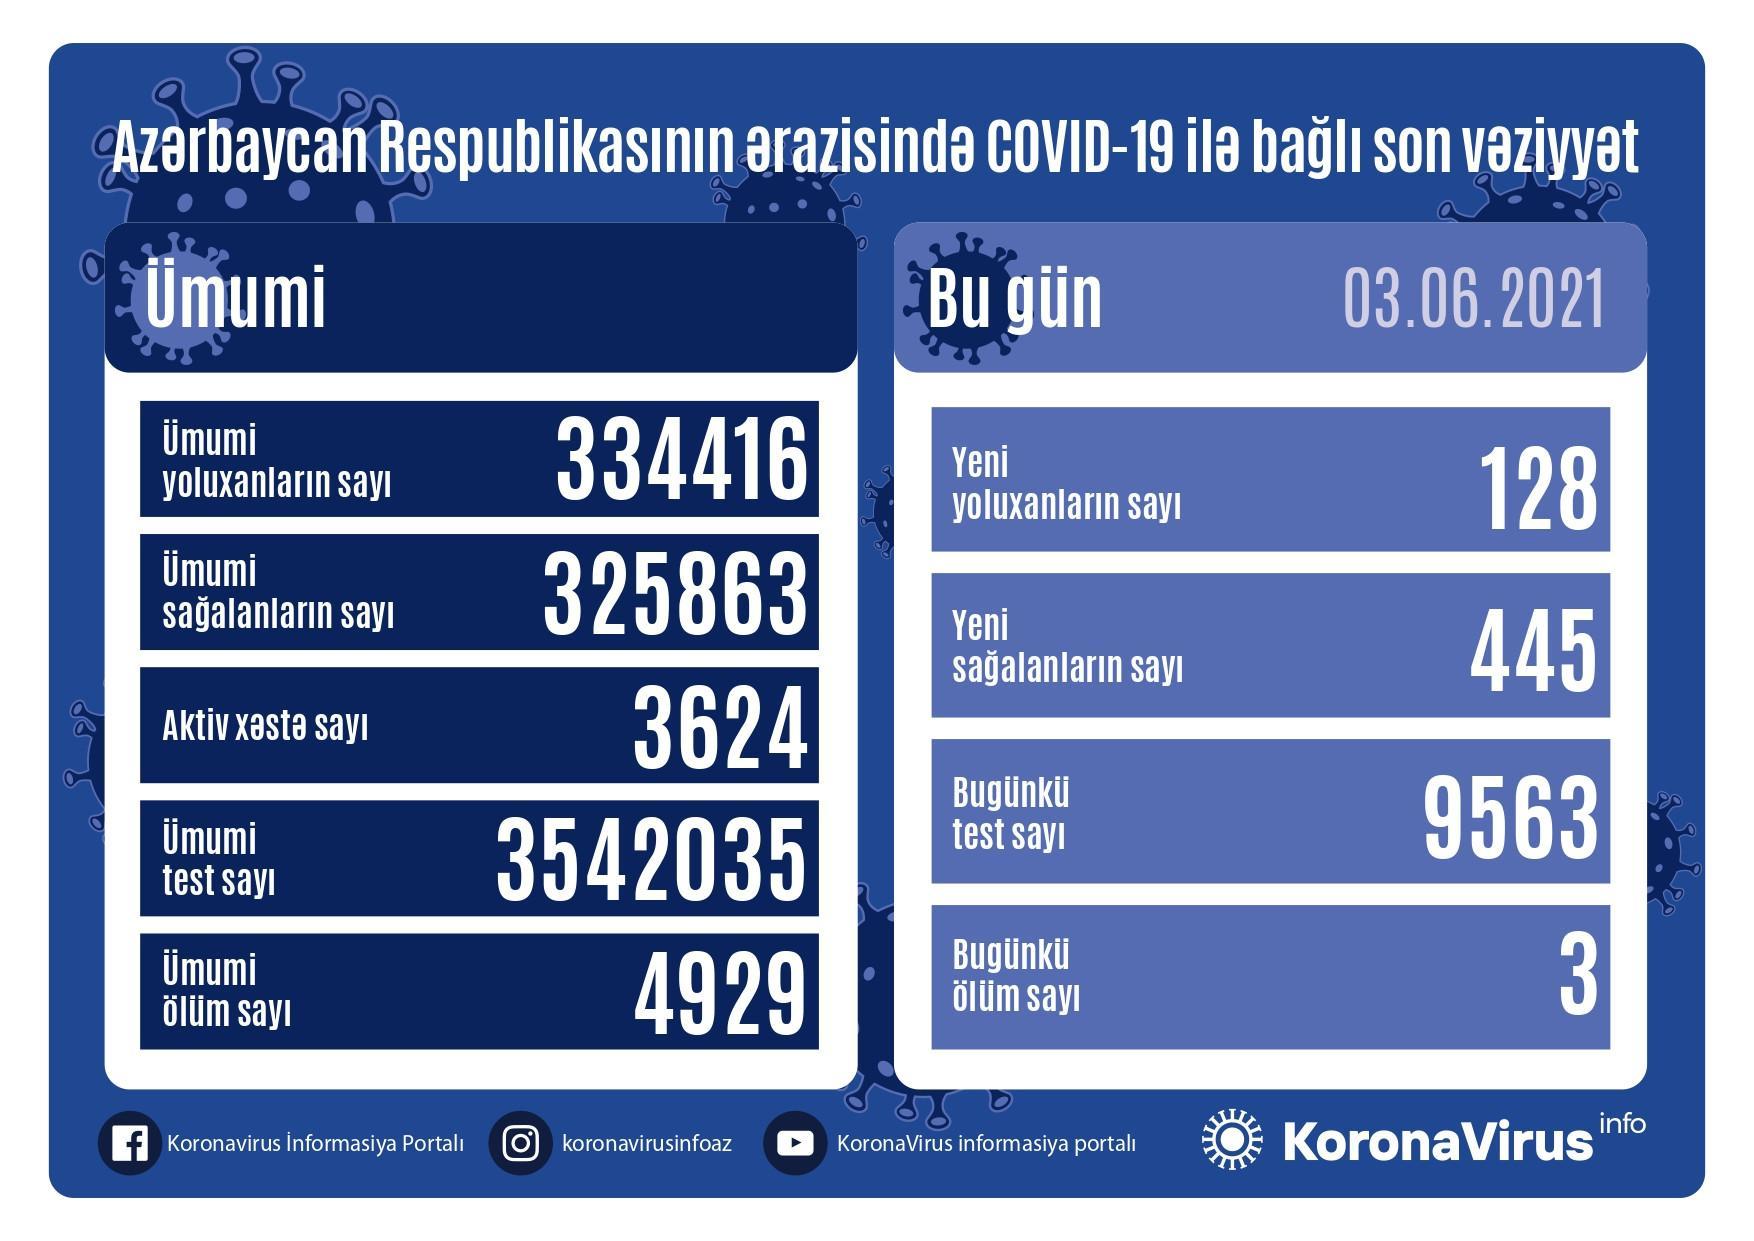 Azərbaycanda son sutkada koronavirusa yoluxma sayı - aktiv xəstə sayı 3 624-ə düşdü